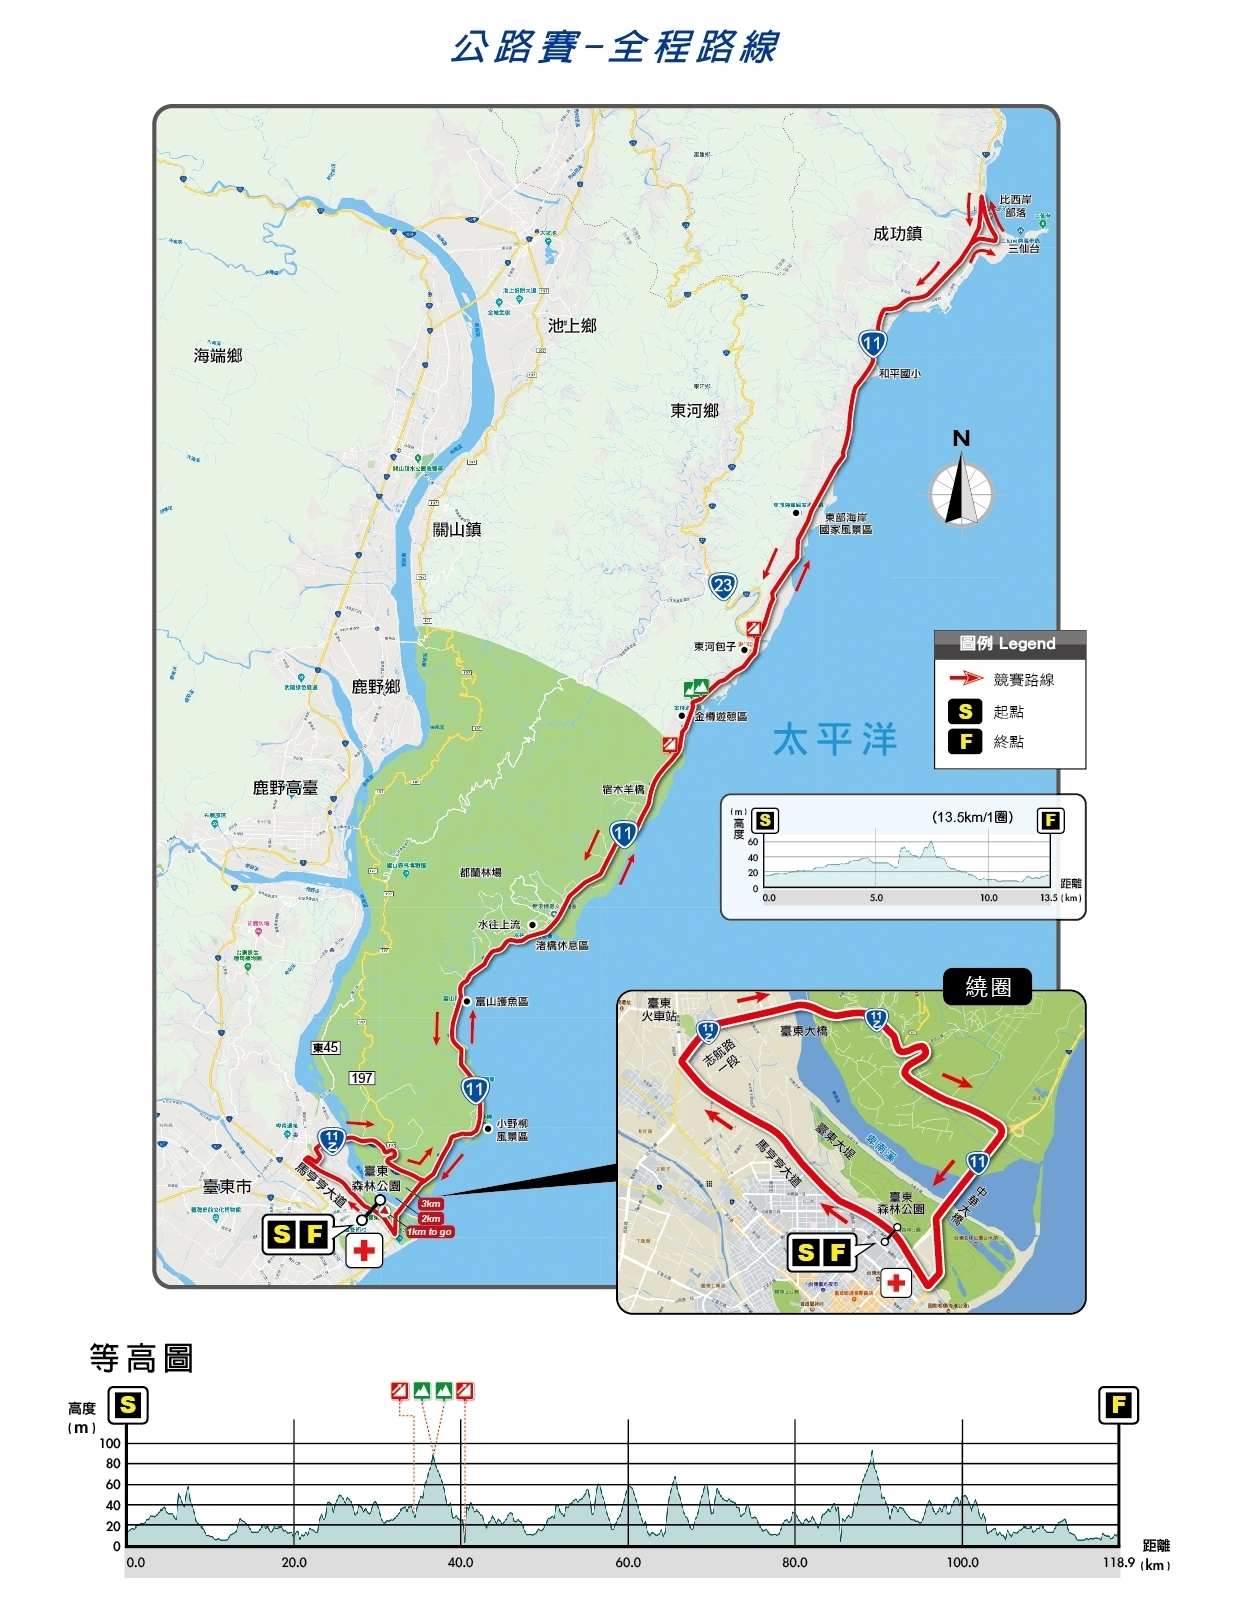 0623臺東公路錦標賽-公路賽路線